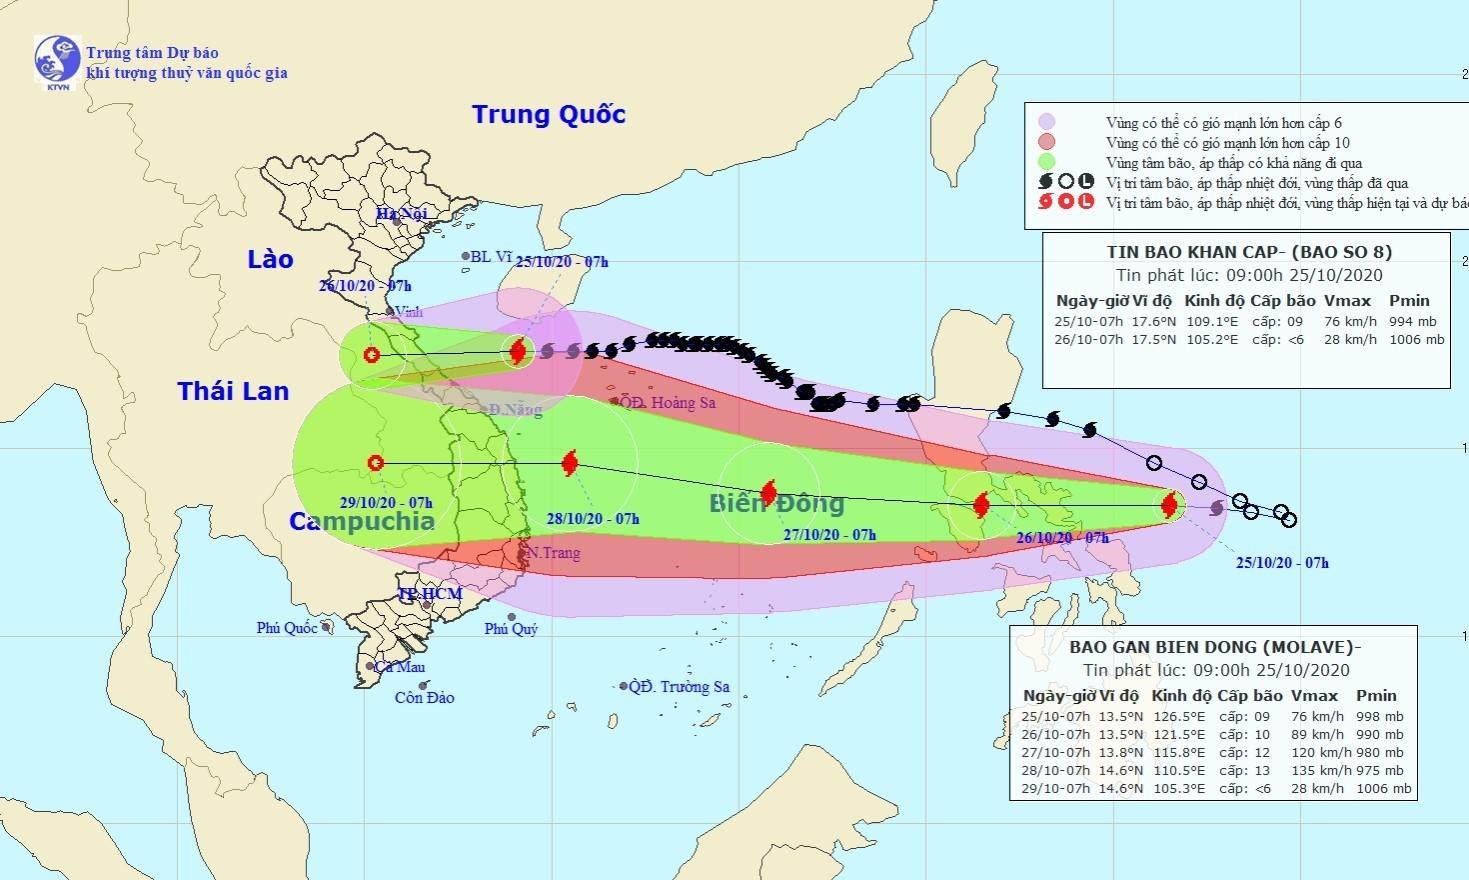 Bão số 8, Tin bão, Tin bão mới nhất, Tin bão số 8, Bão số 8 2020, tin bao, Bao so 8, tin bao so 8, tin bao moi nhat, bao so 8 2020, bão số 8 năm 2020, cơn bão số 8